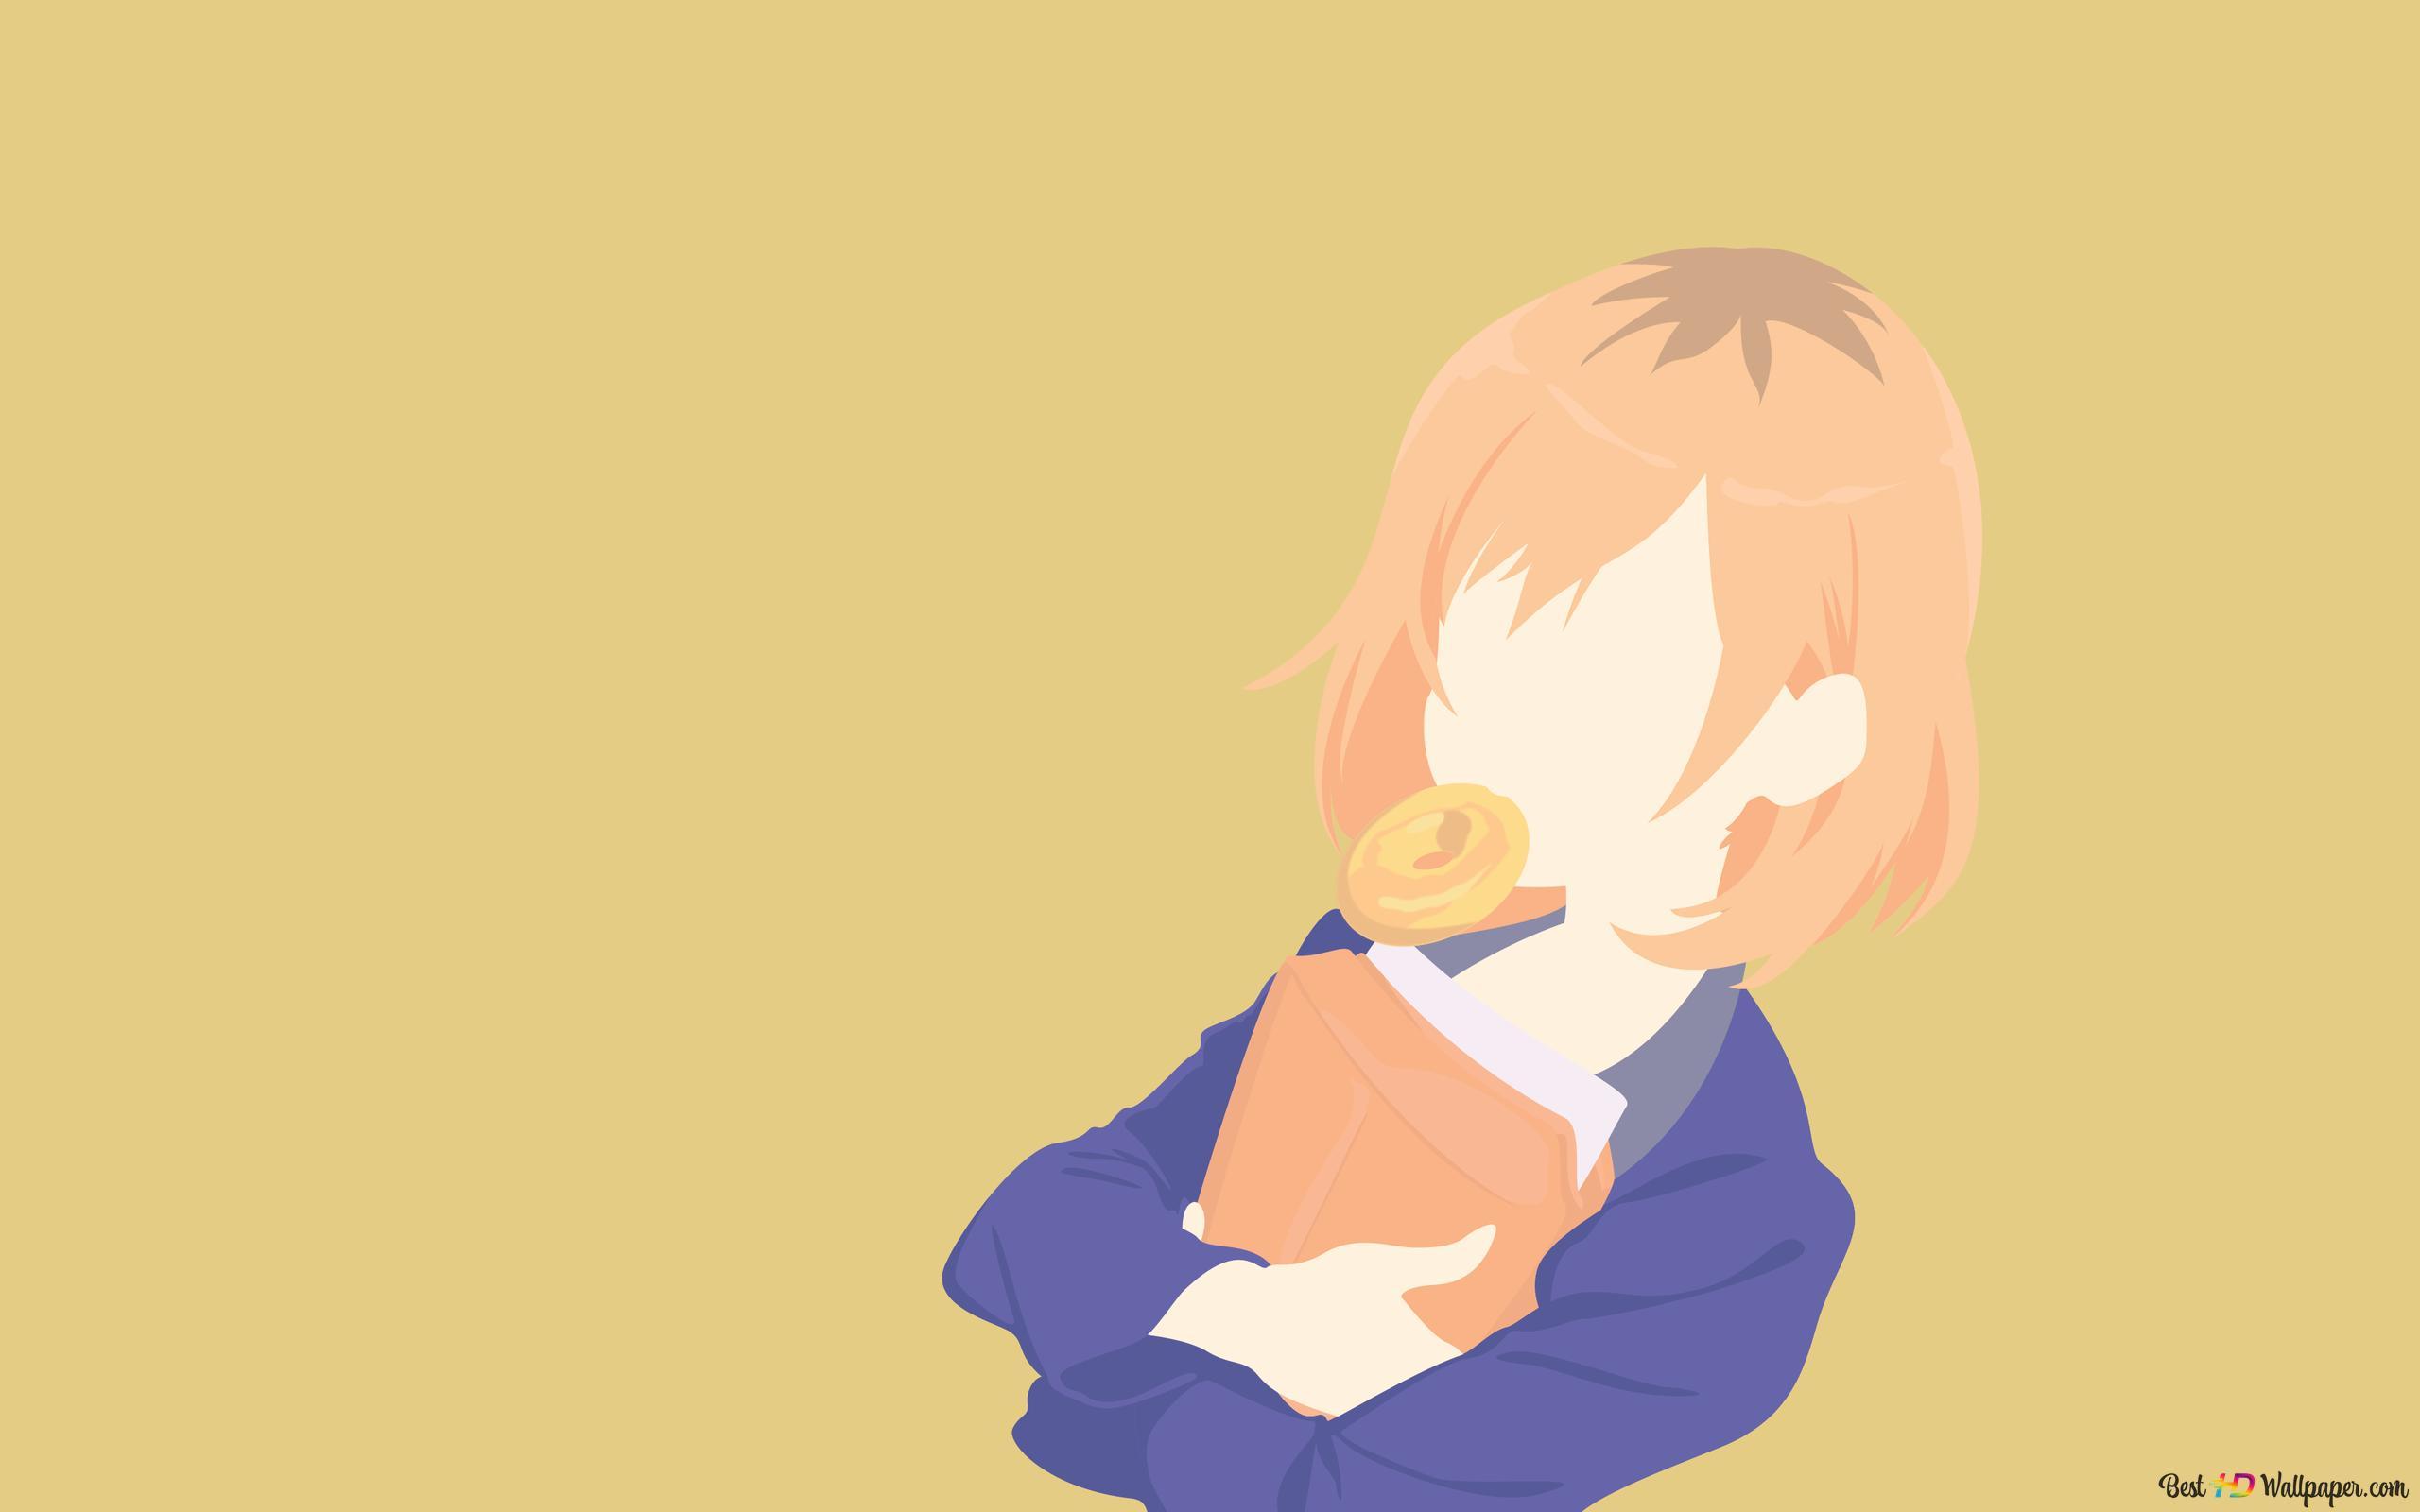 Shirobakoの葵宮森を食べます Hd壁紙のダウンロード